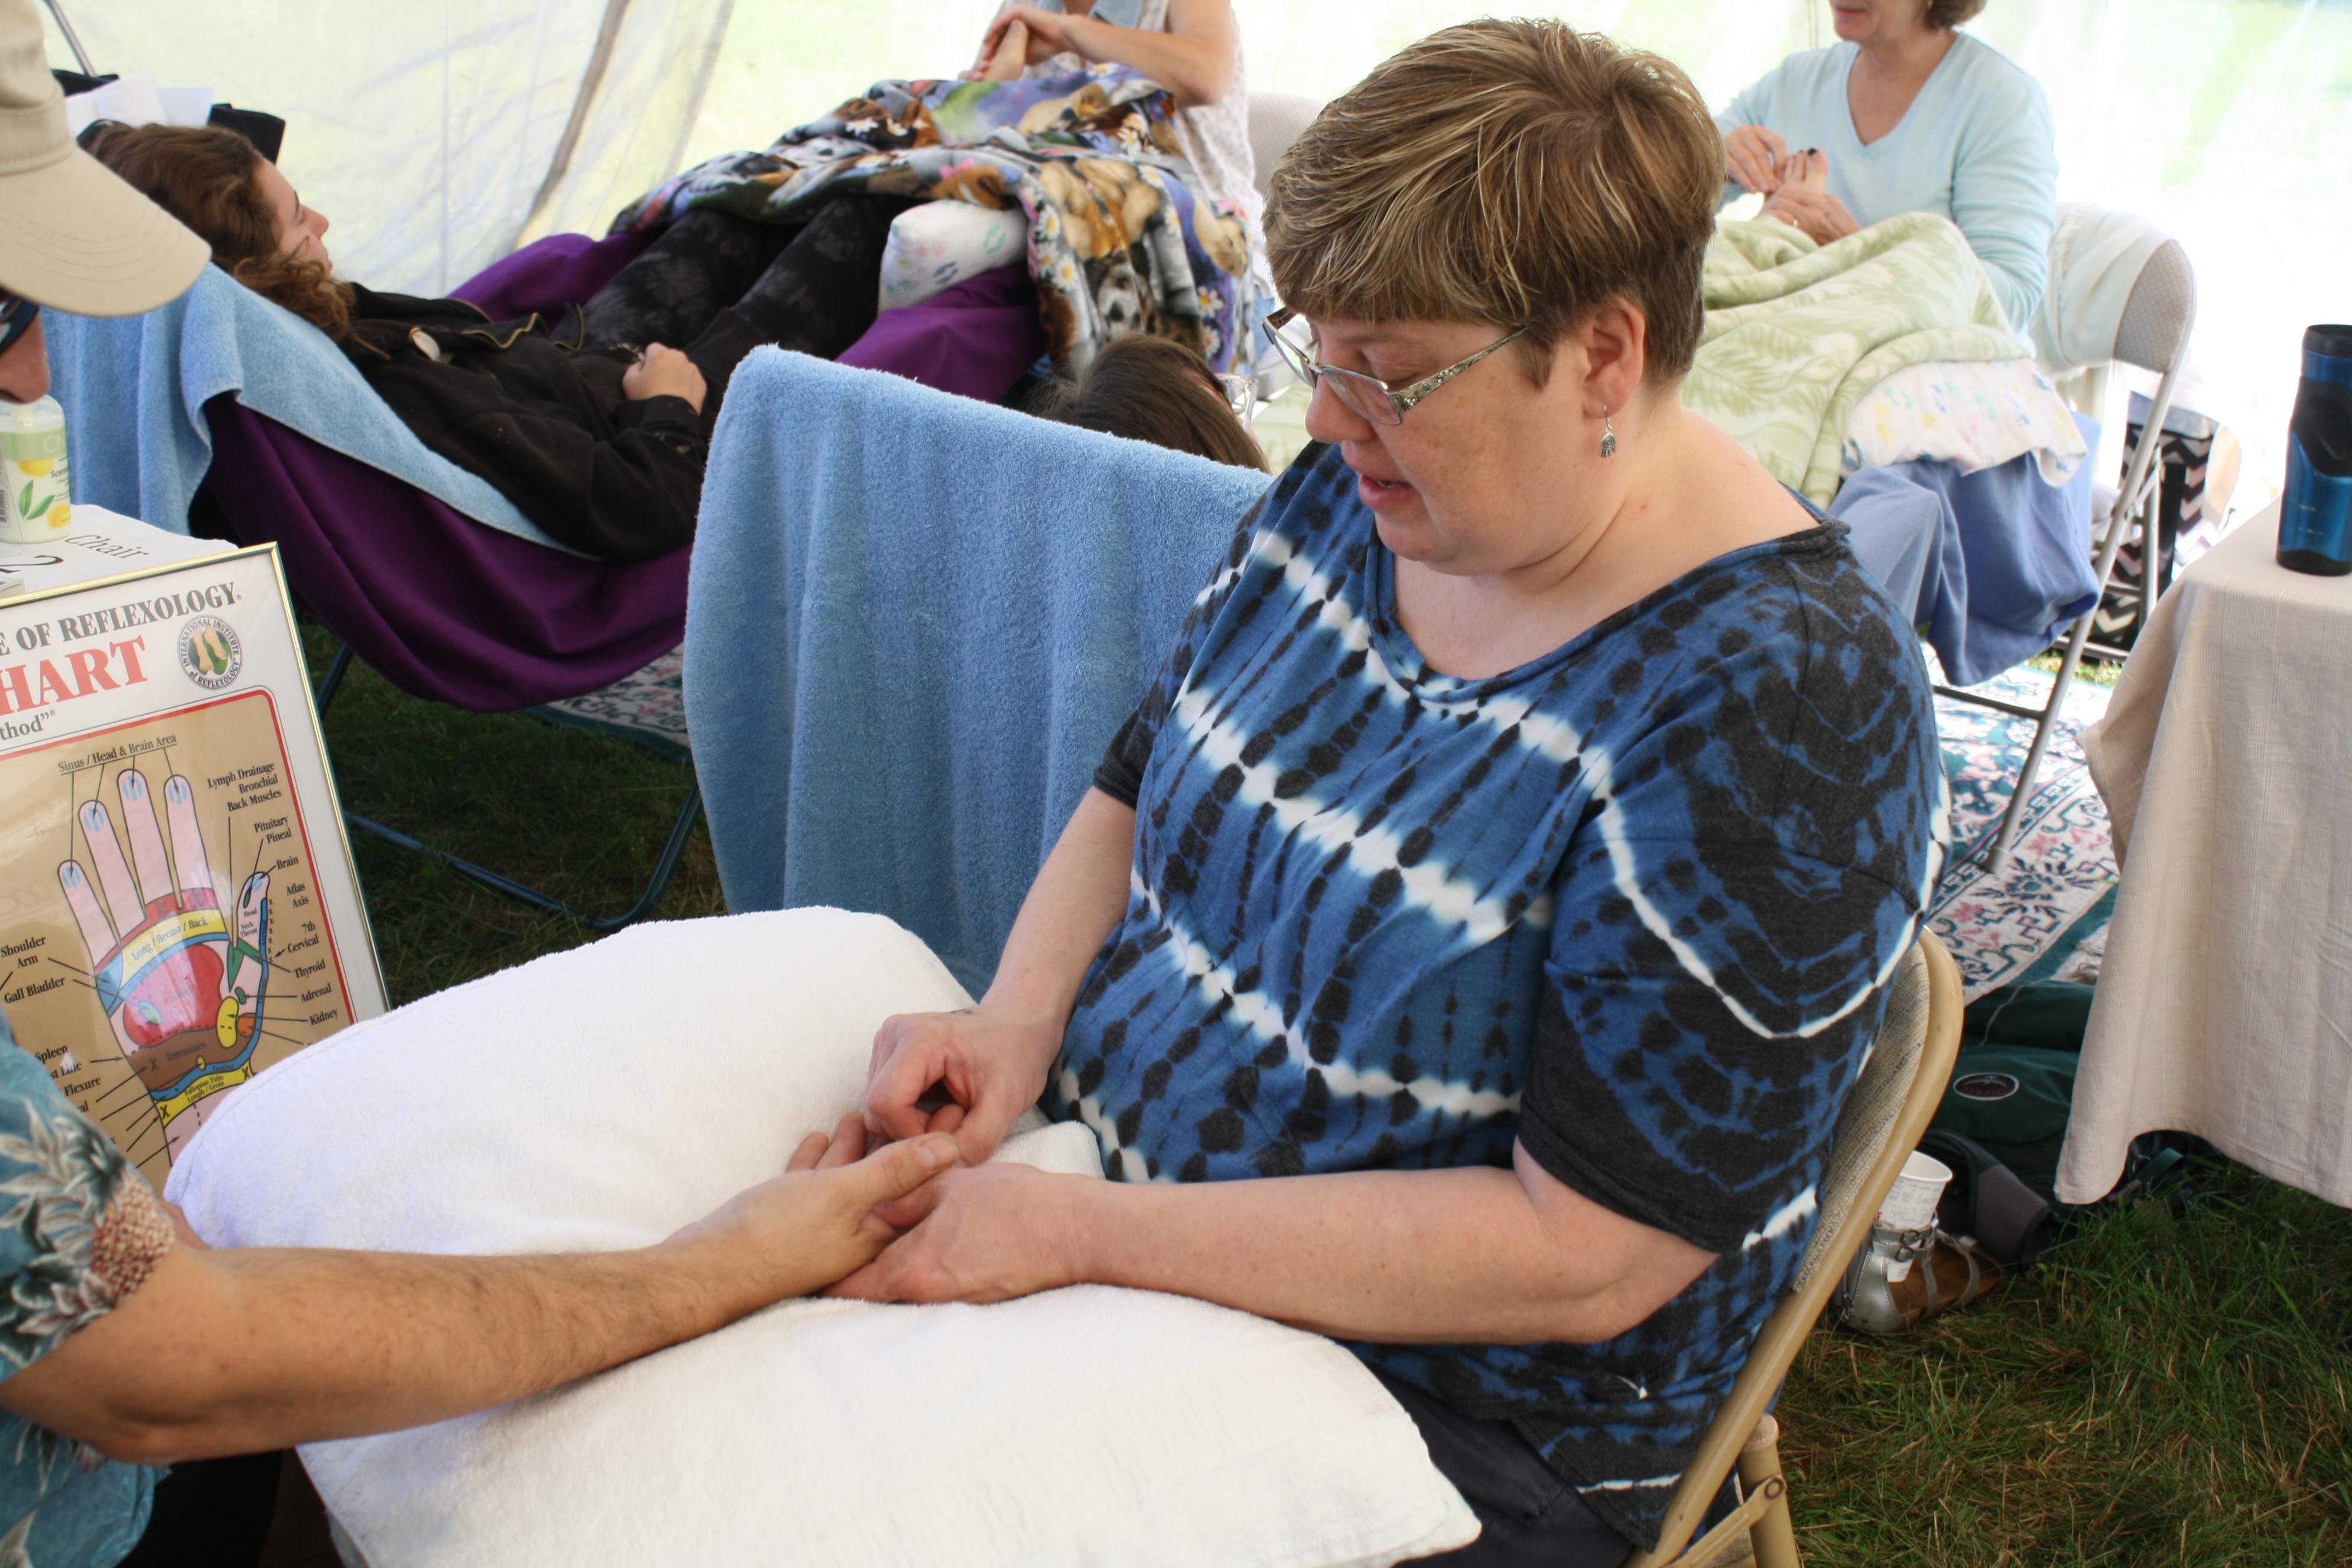 Hand reflexology at the fair